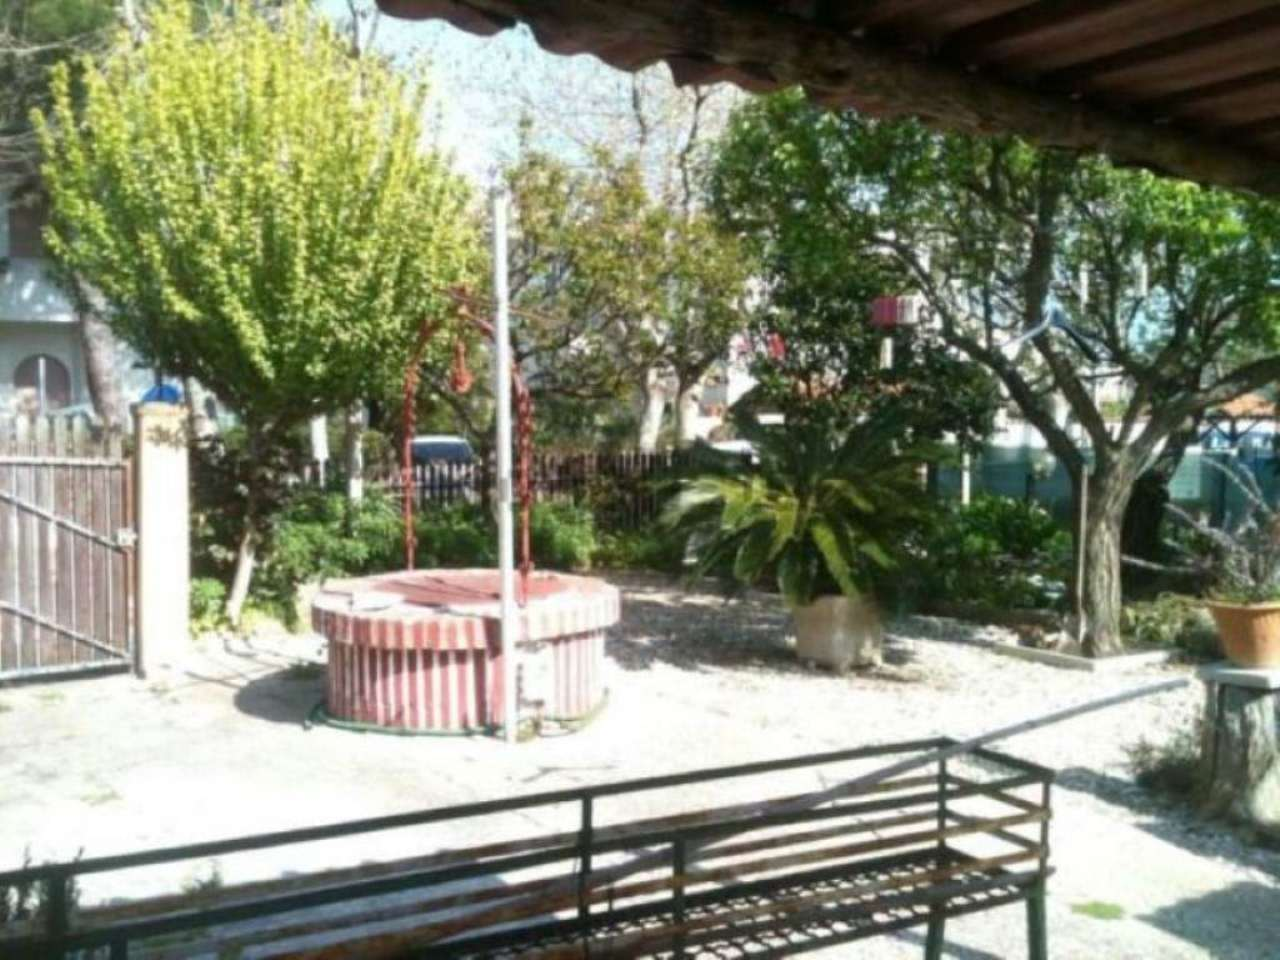 Villa in vendita a Santa Marinella, 3 locali, prezzo € 220.000 | Cambio Casa.it